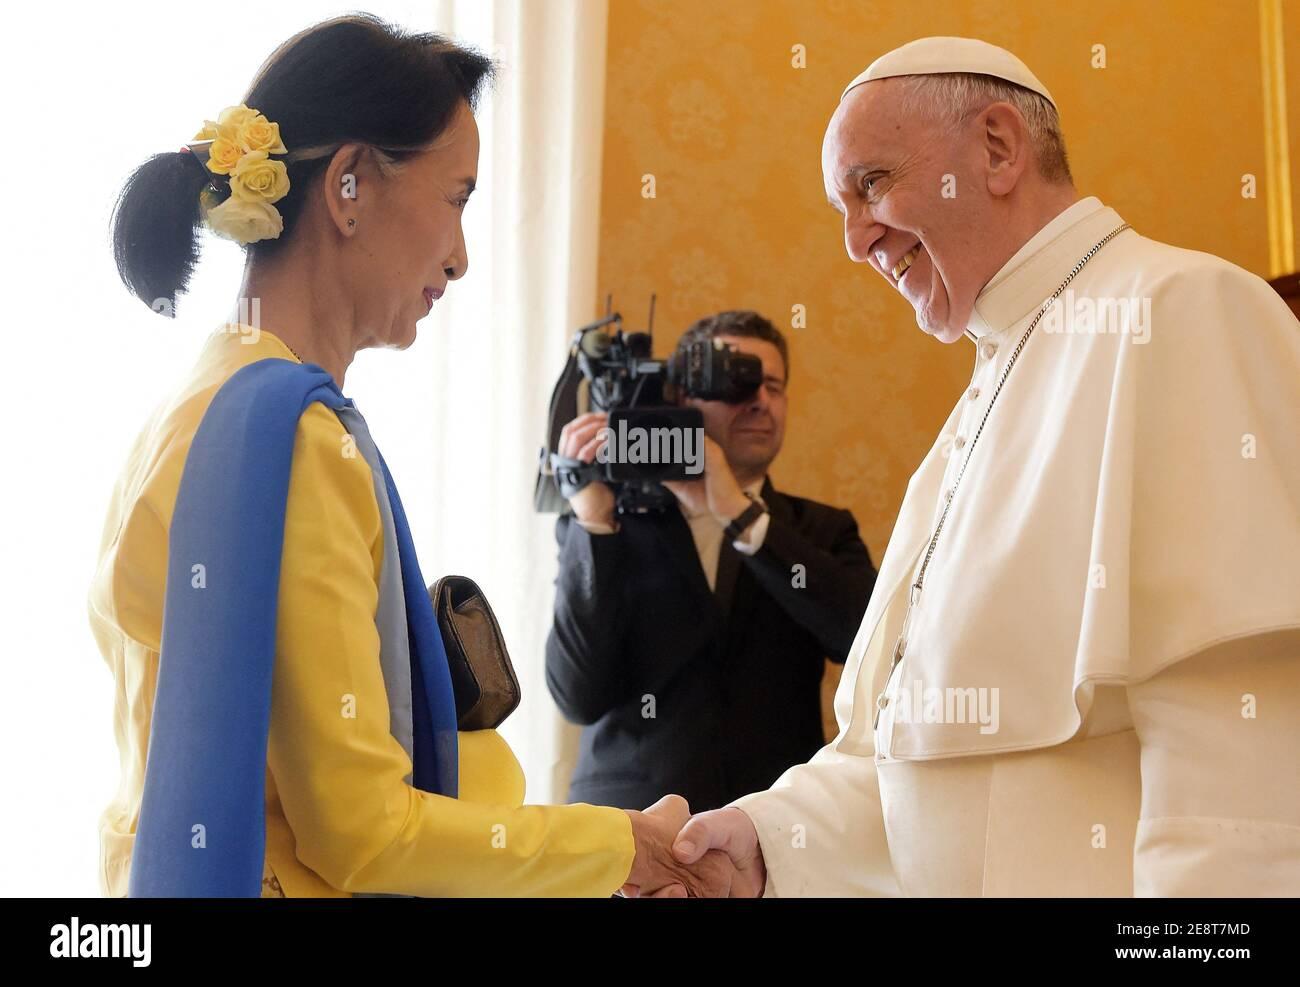 Photo du dossier - le pape François rencontre Aung San Suu Kyi, conseillère d'État et ministre des Affaires étrangères de la République de l'Union du Myanmar (ex-Birmanie) lors d'une audience privée au Vatican le 4 mai 2017. Suu Kyi est à Rome pour participer à une conférence organisée par le Parlement italien sur l'égalité des sexes et le développement durable. La puissante armée du Myanmar a pris le contrôle du pays lors d'un coup d'État et a déclaré l'état d'urgence, après la détention d'Aung San Suu Kyi et d'autres hauts dirigeants du gouvernement lors des raids du matin lundi. Photo d'Eric Vandeville Banque D'Images